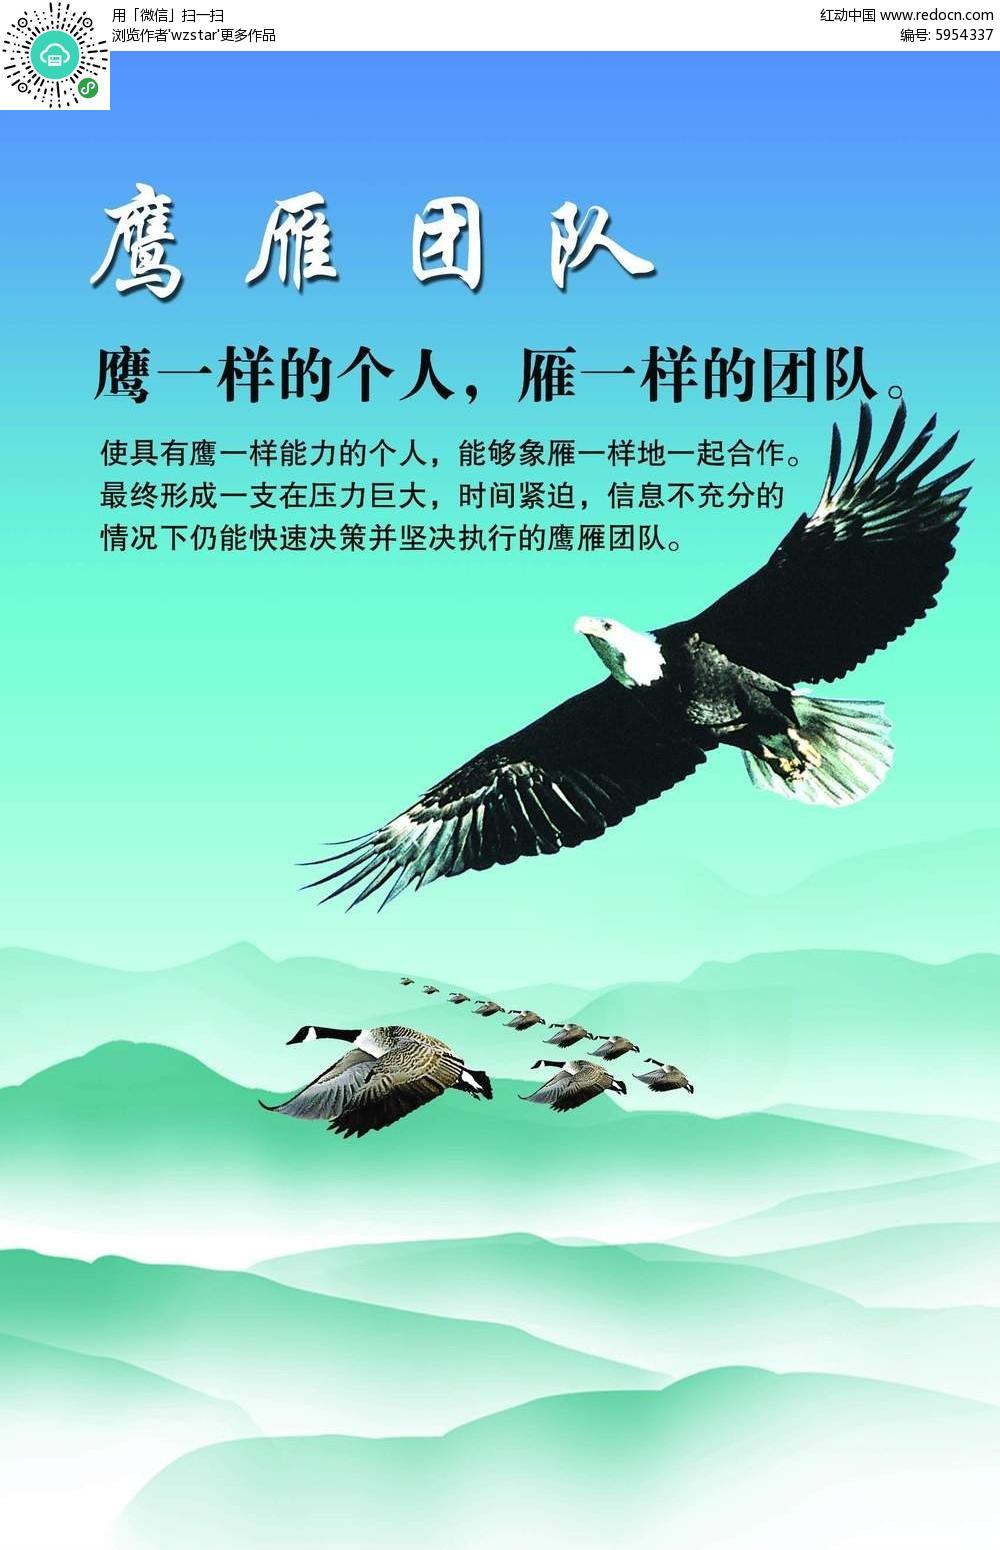 鹰雁团队海报背景素材